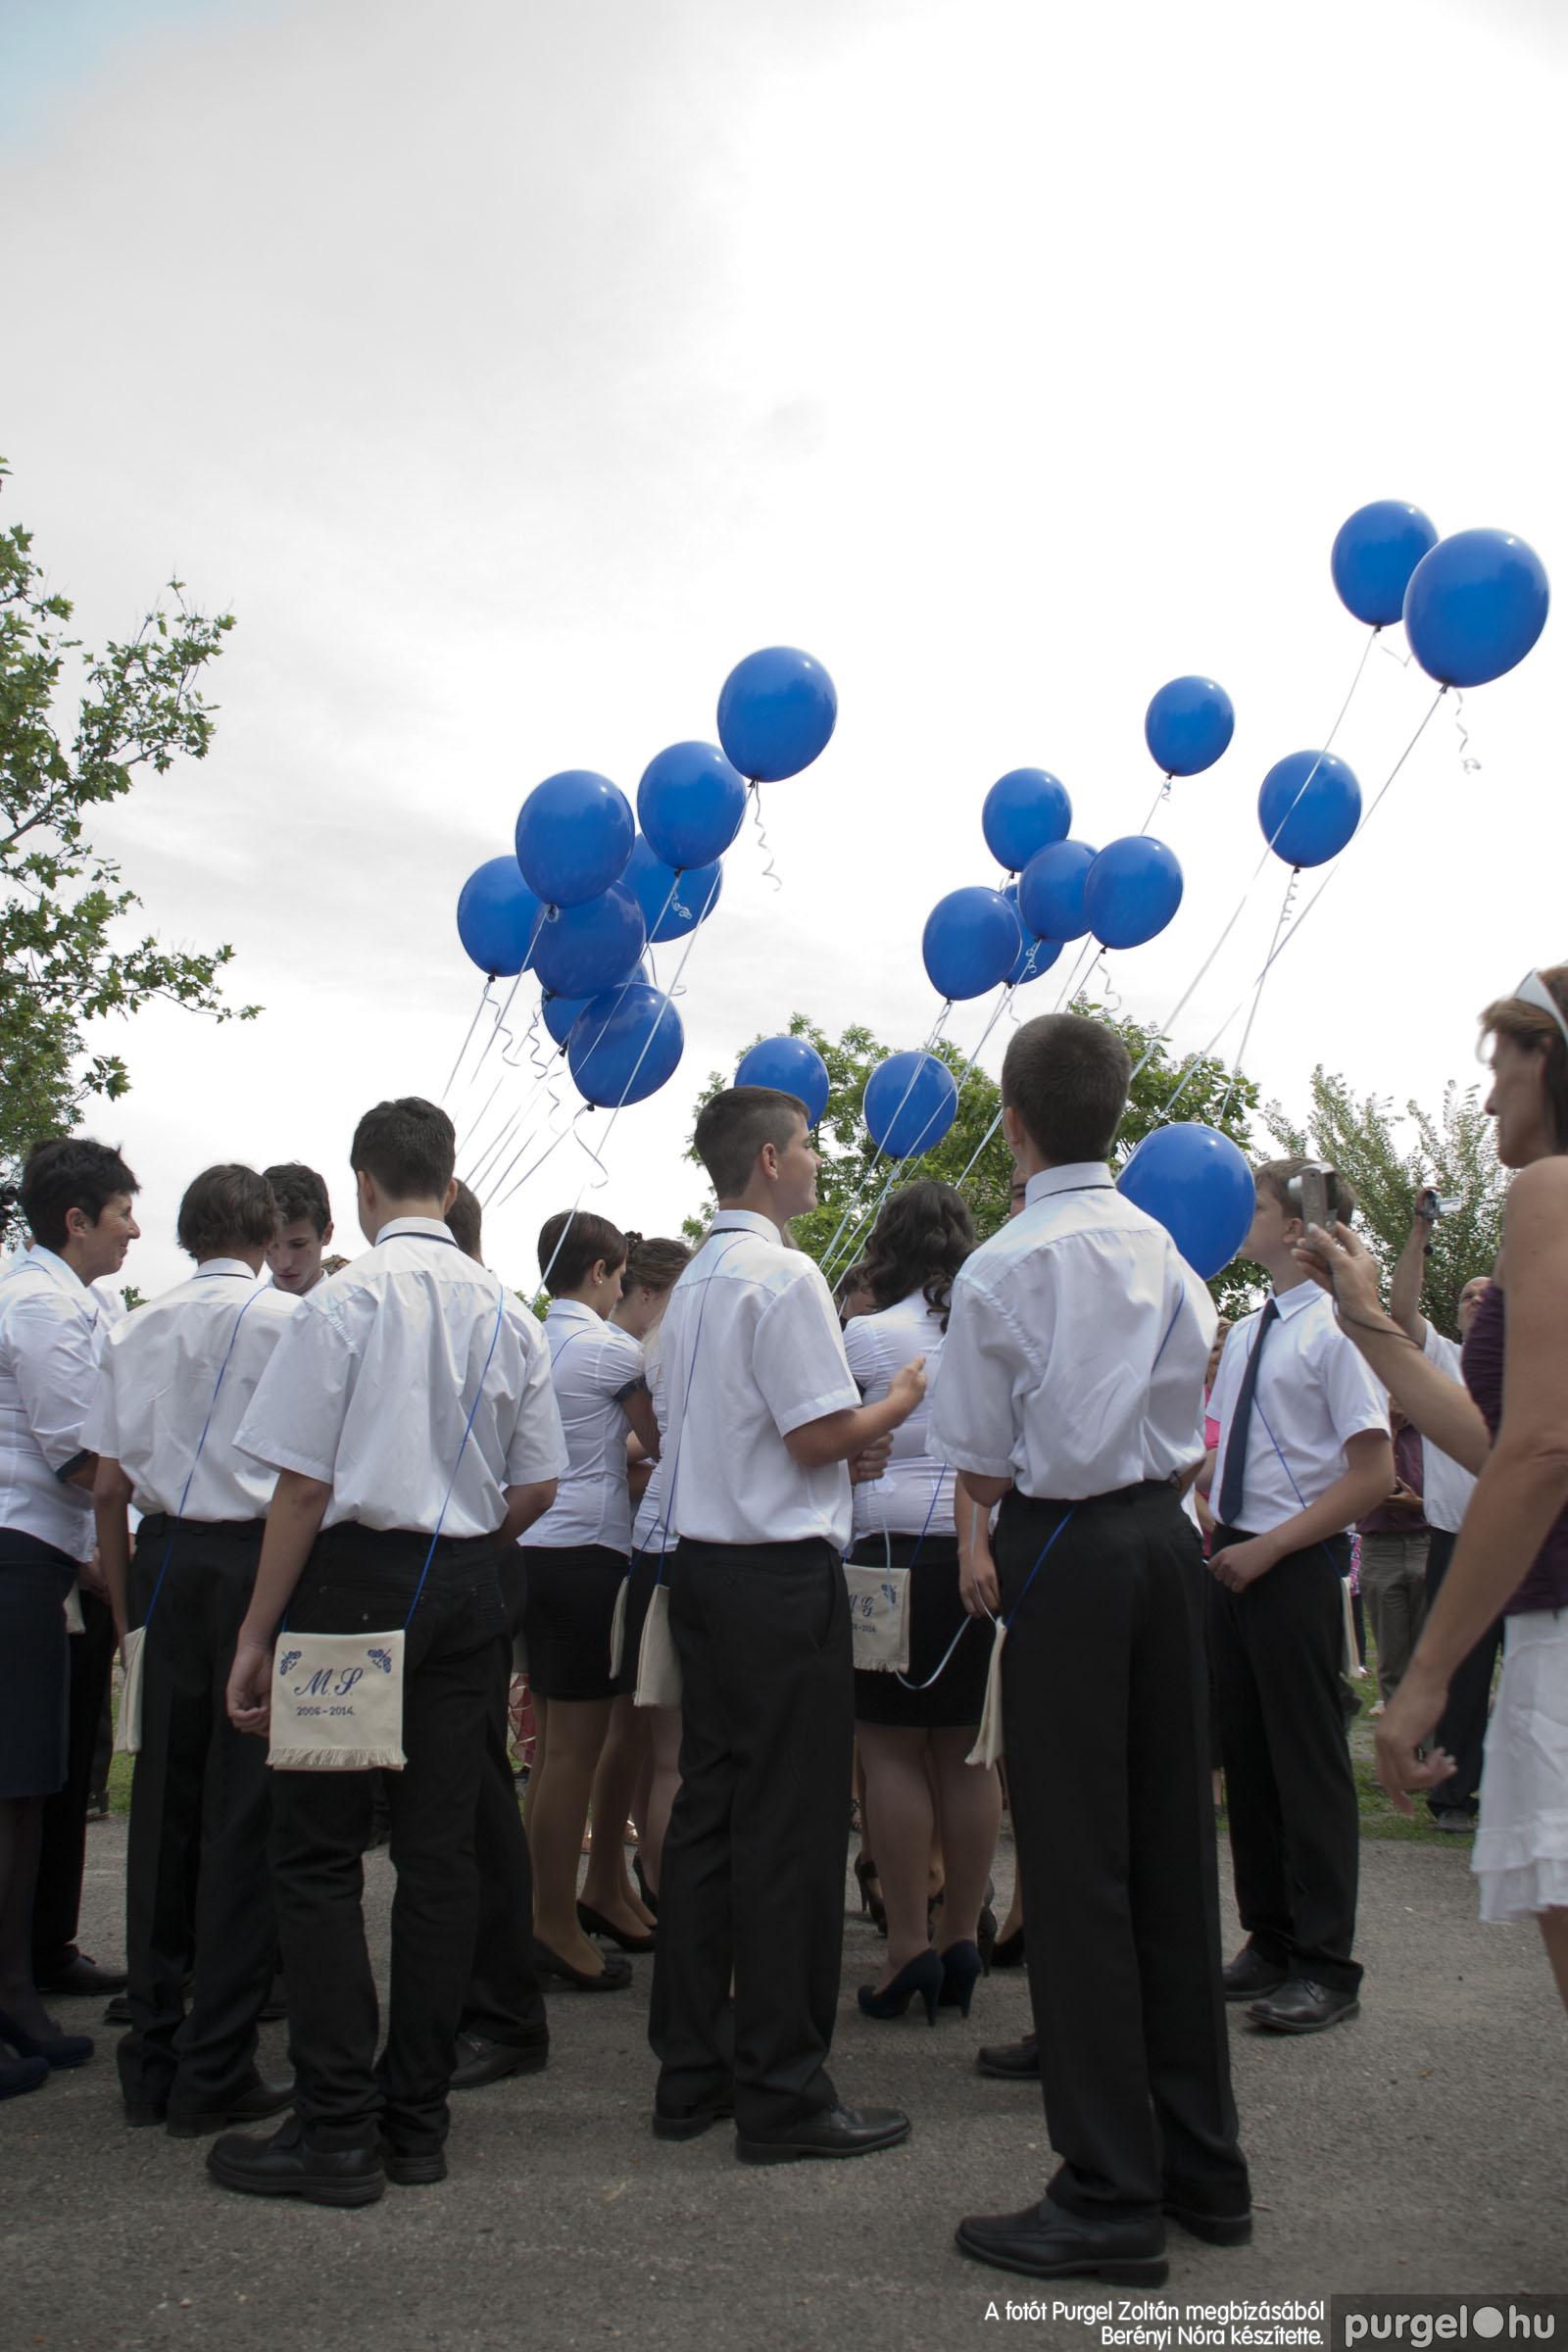 2014.06.14. 346 Forray Máté Általános Iskola ballagás 2014. - Fotó:BERÉNYI NÓRA© _MG_6082